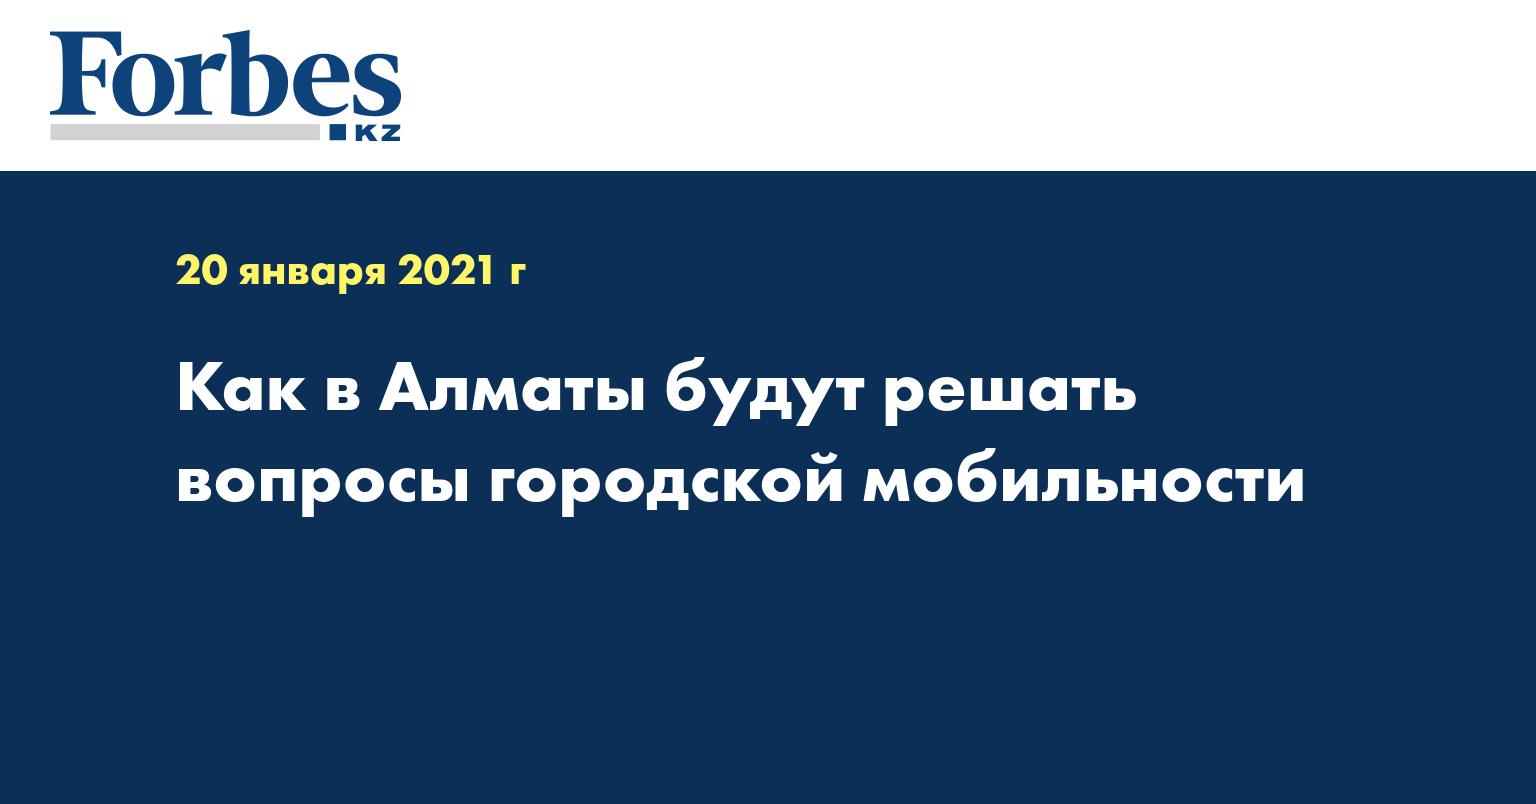 Как в Алматы будут решать вопросы городской мобильности